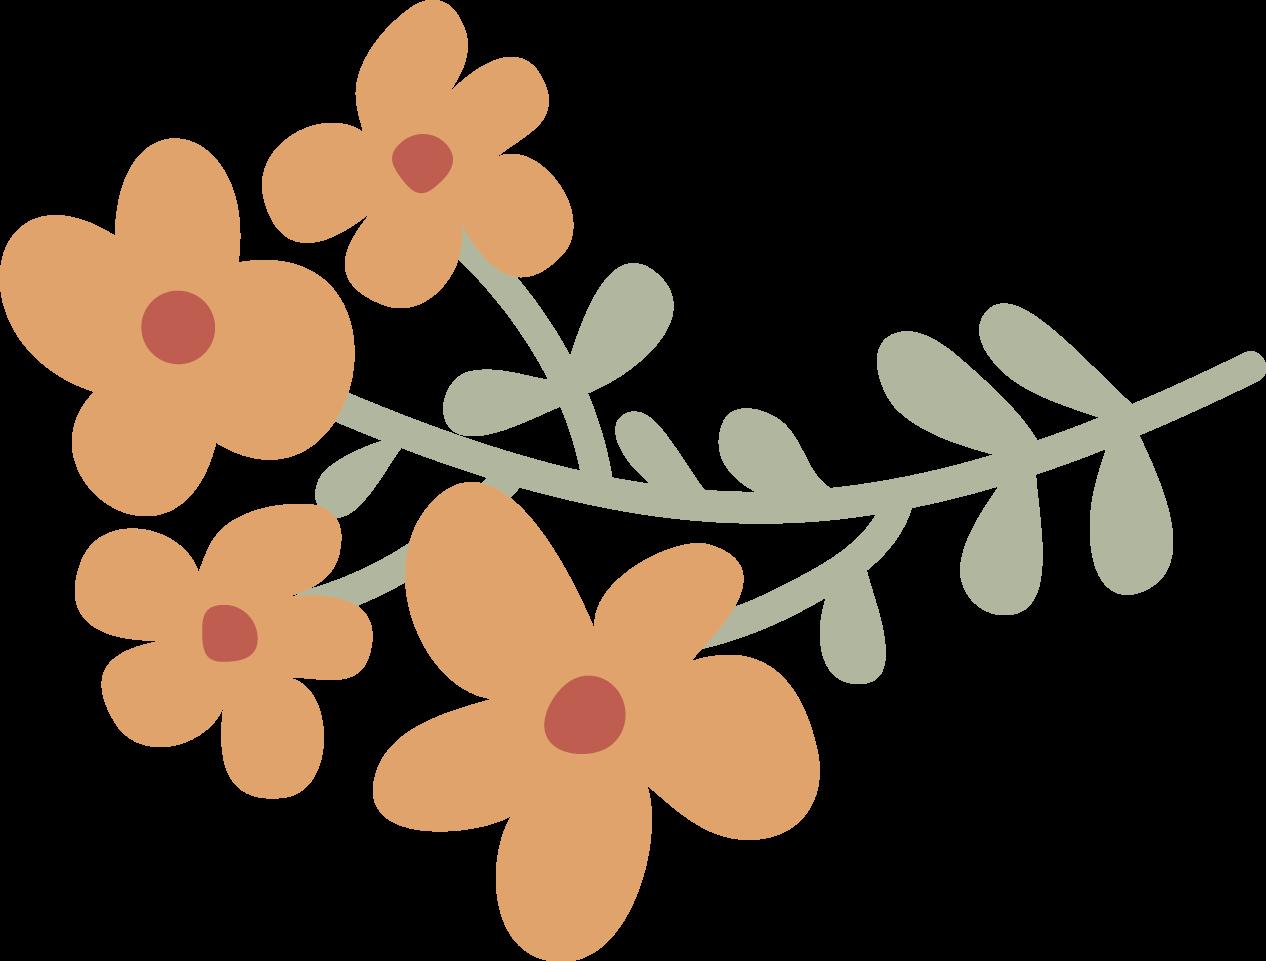 Descargar flores sin fondo Softonic - Imagenes De Flores Sin Fondo